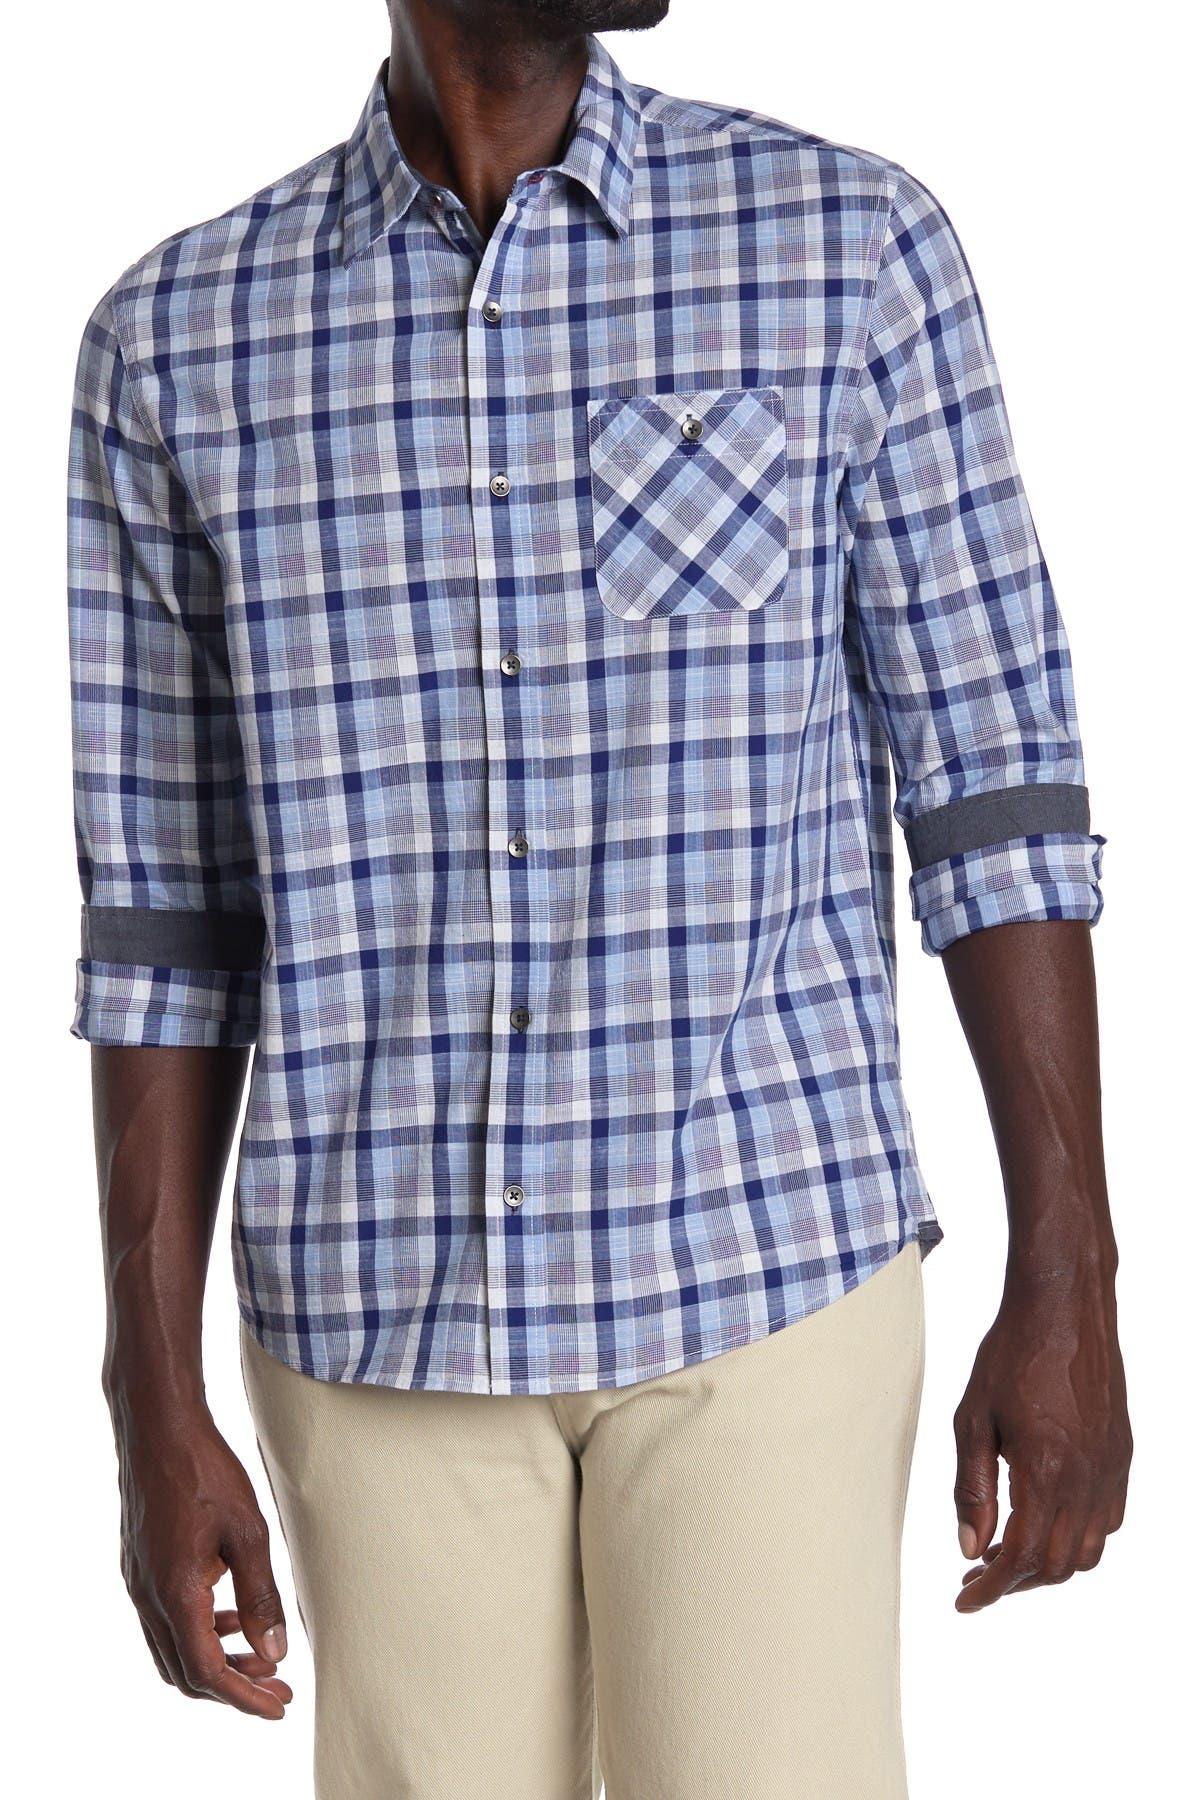 Image of Flag & Anthem Richardson Long Sleeve Shirt